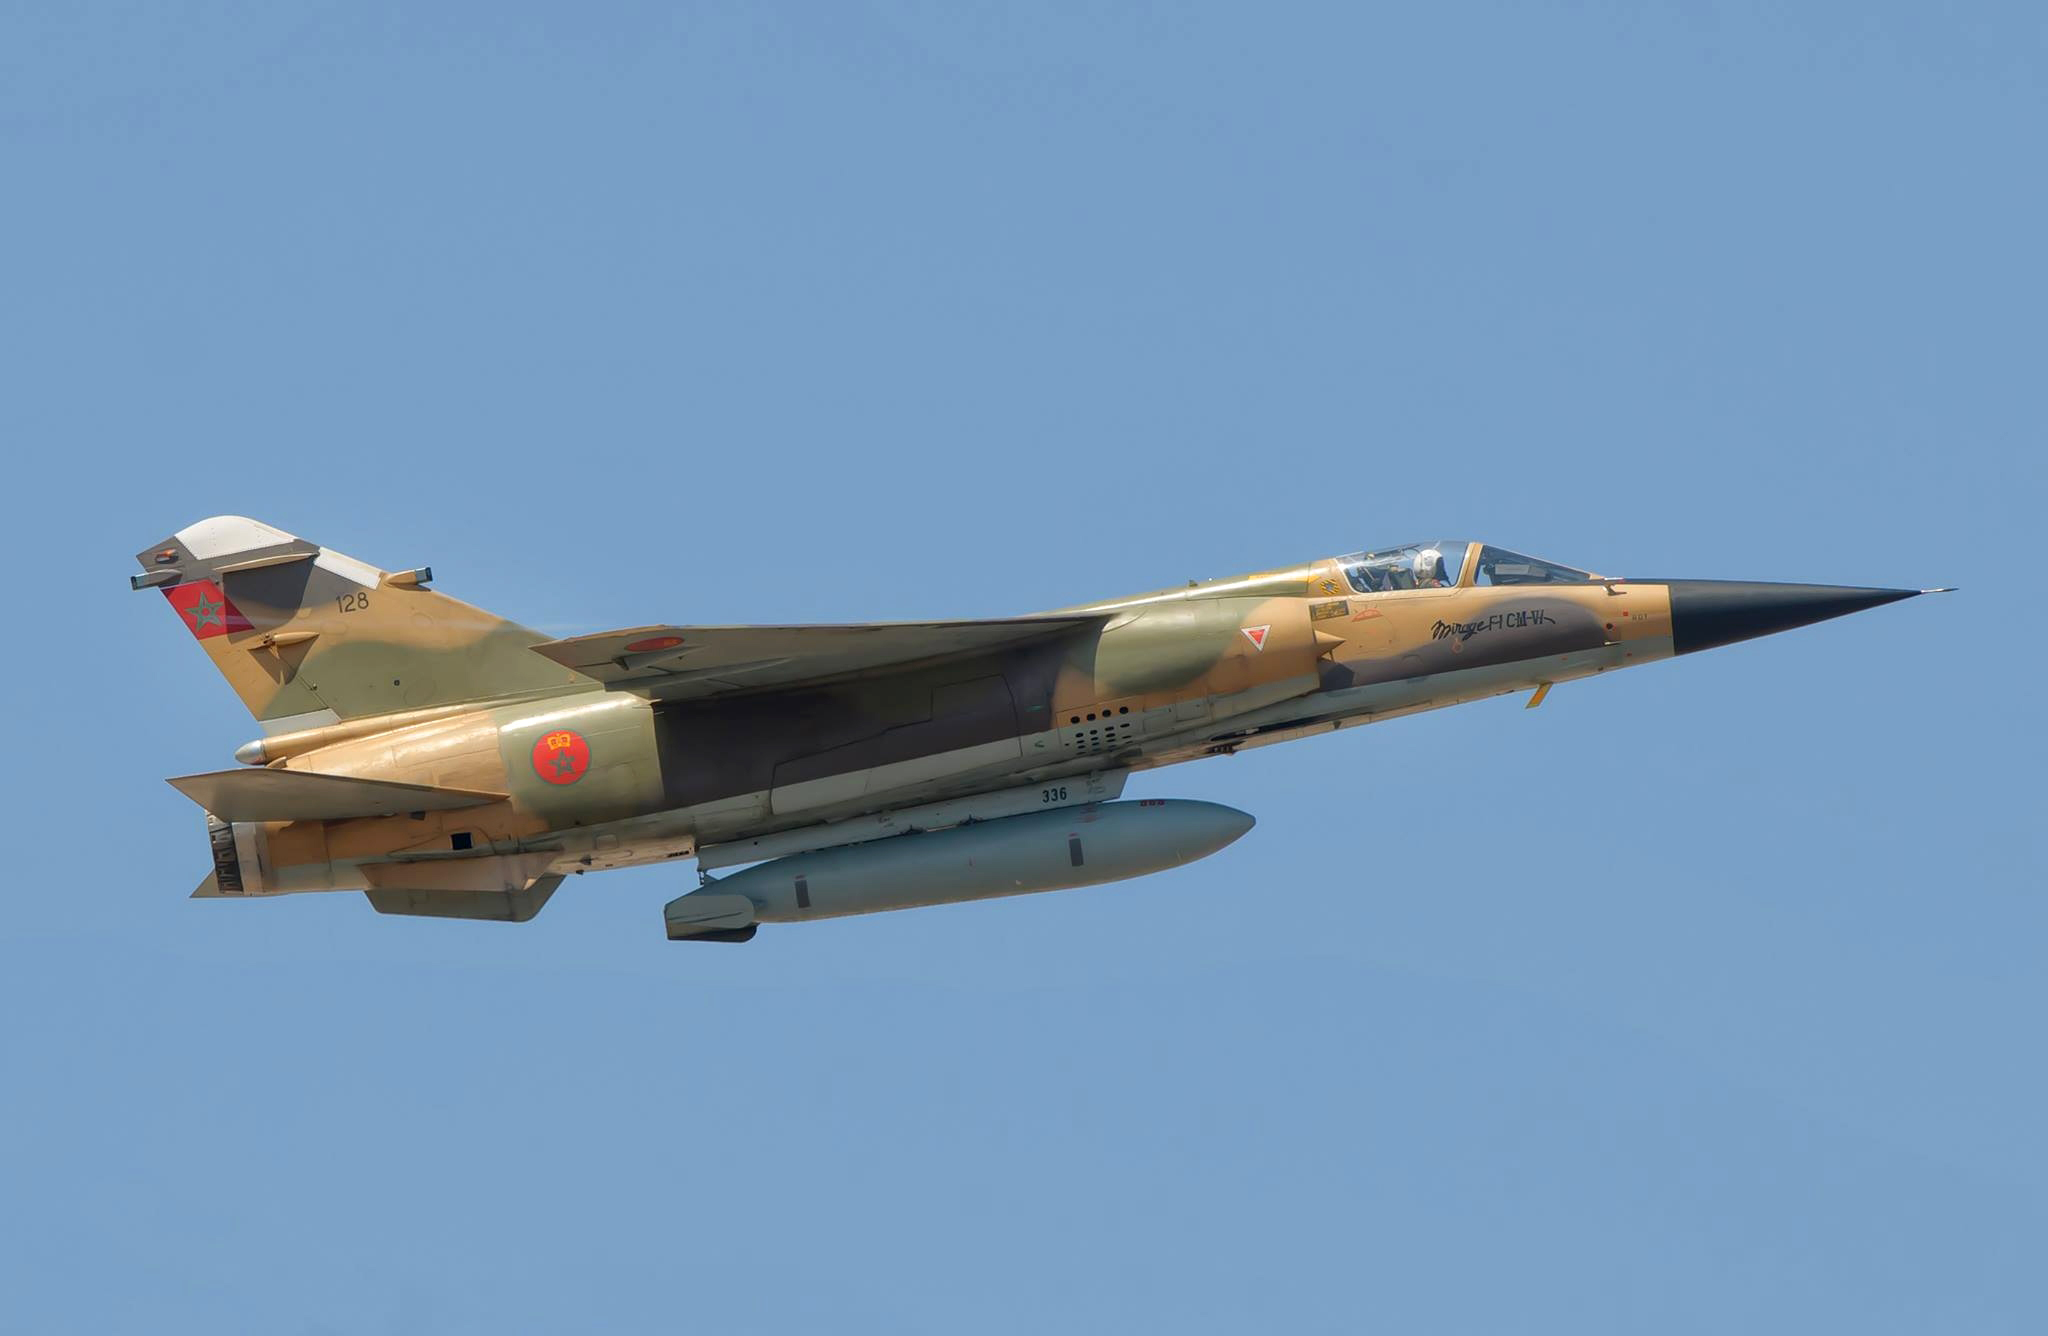 القوات الجوية الملكية المغربية - متجدد - - صفحة 2 160201055955233541